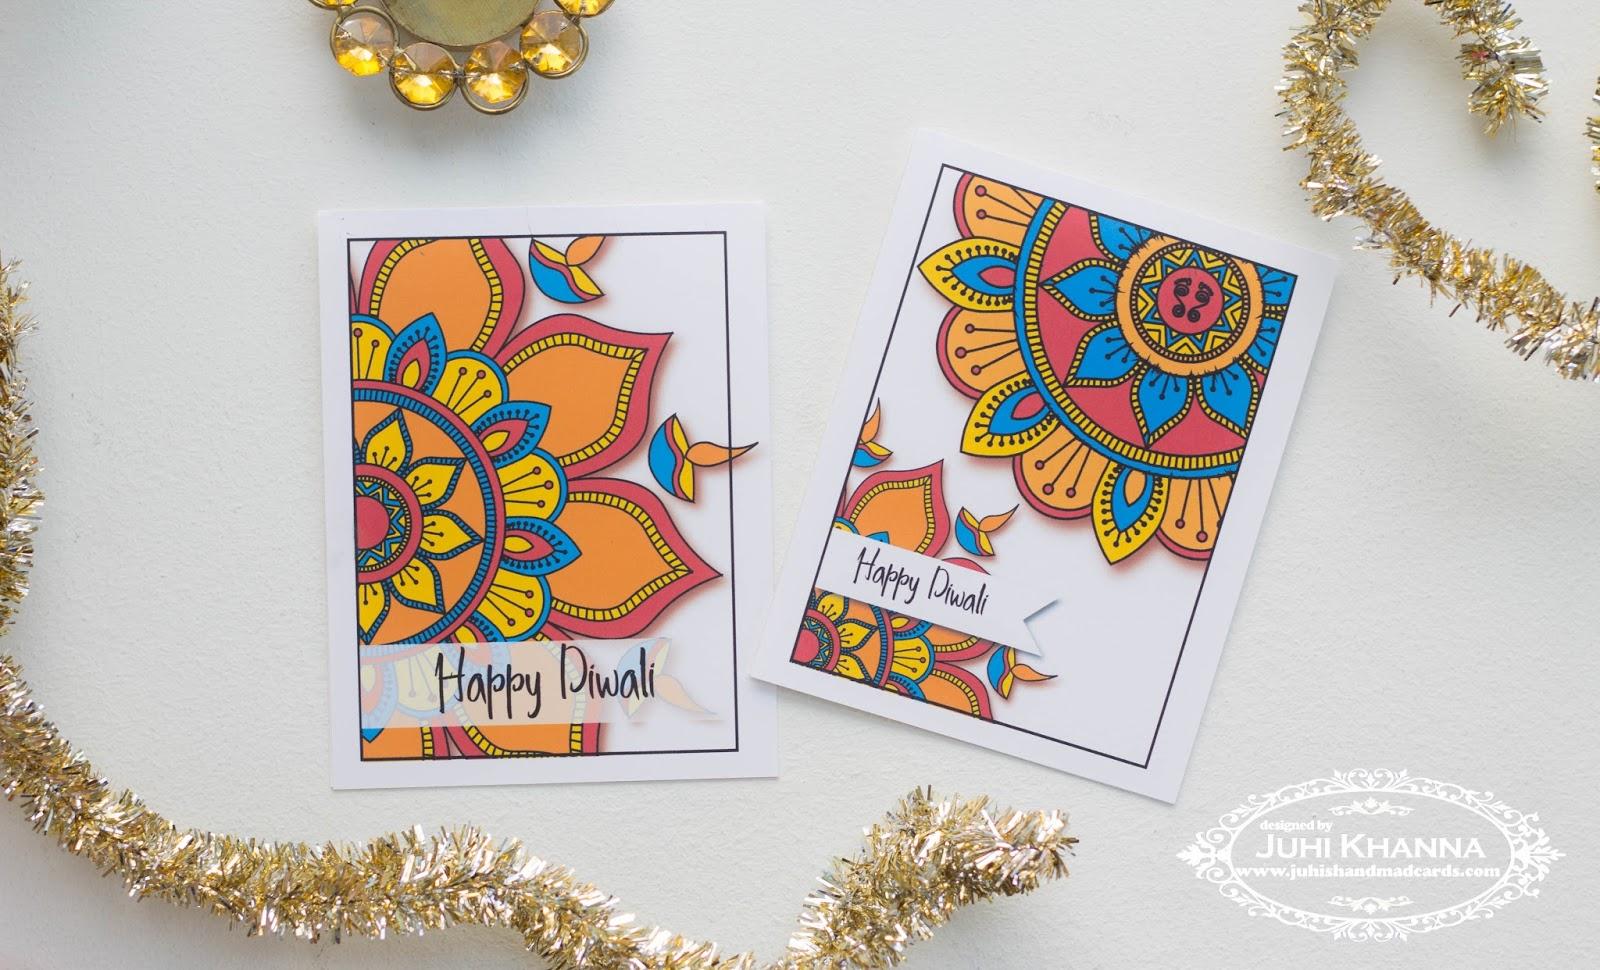 Juhis Handmade Cards October 2016